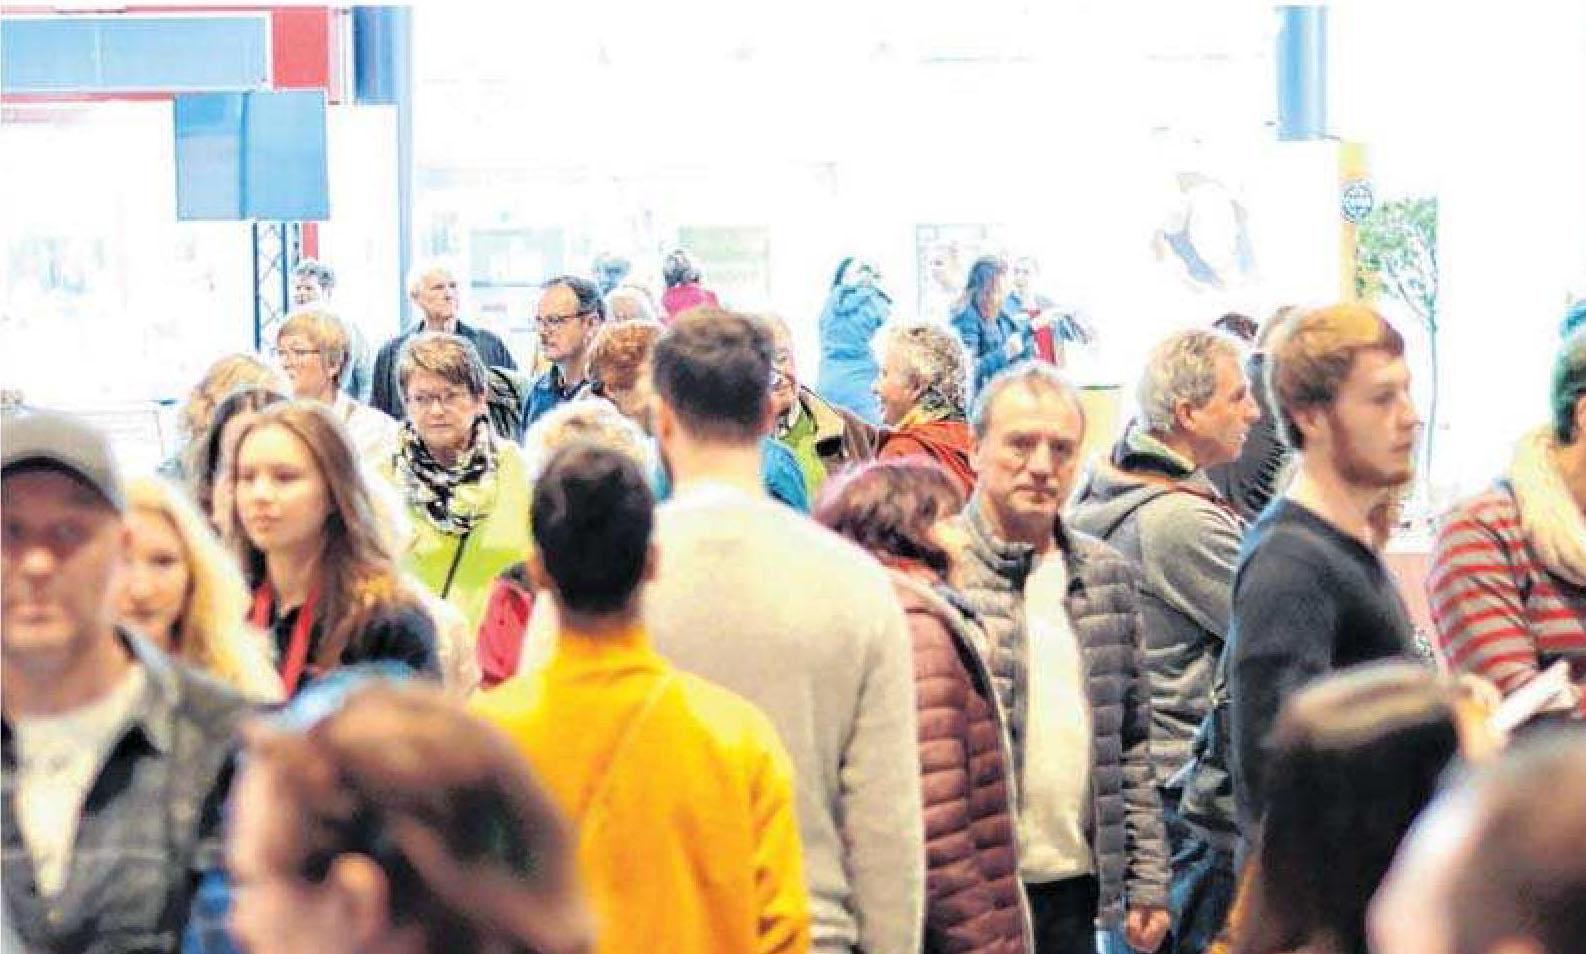 Zur Messe am 29. Februar und 1. März werden tausende Besucher erwartet. Veranstaltet wird sie von der Stadt Reutlingen, den Kreiskliniken und einigen Partnern. Foto: PR